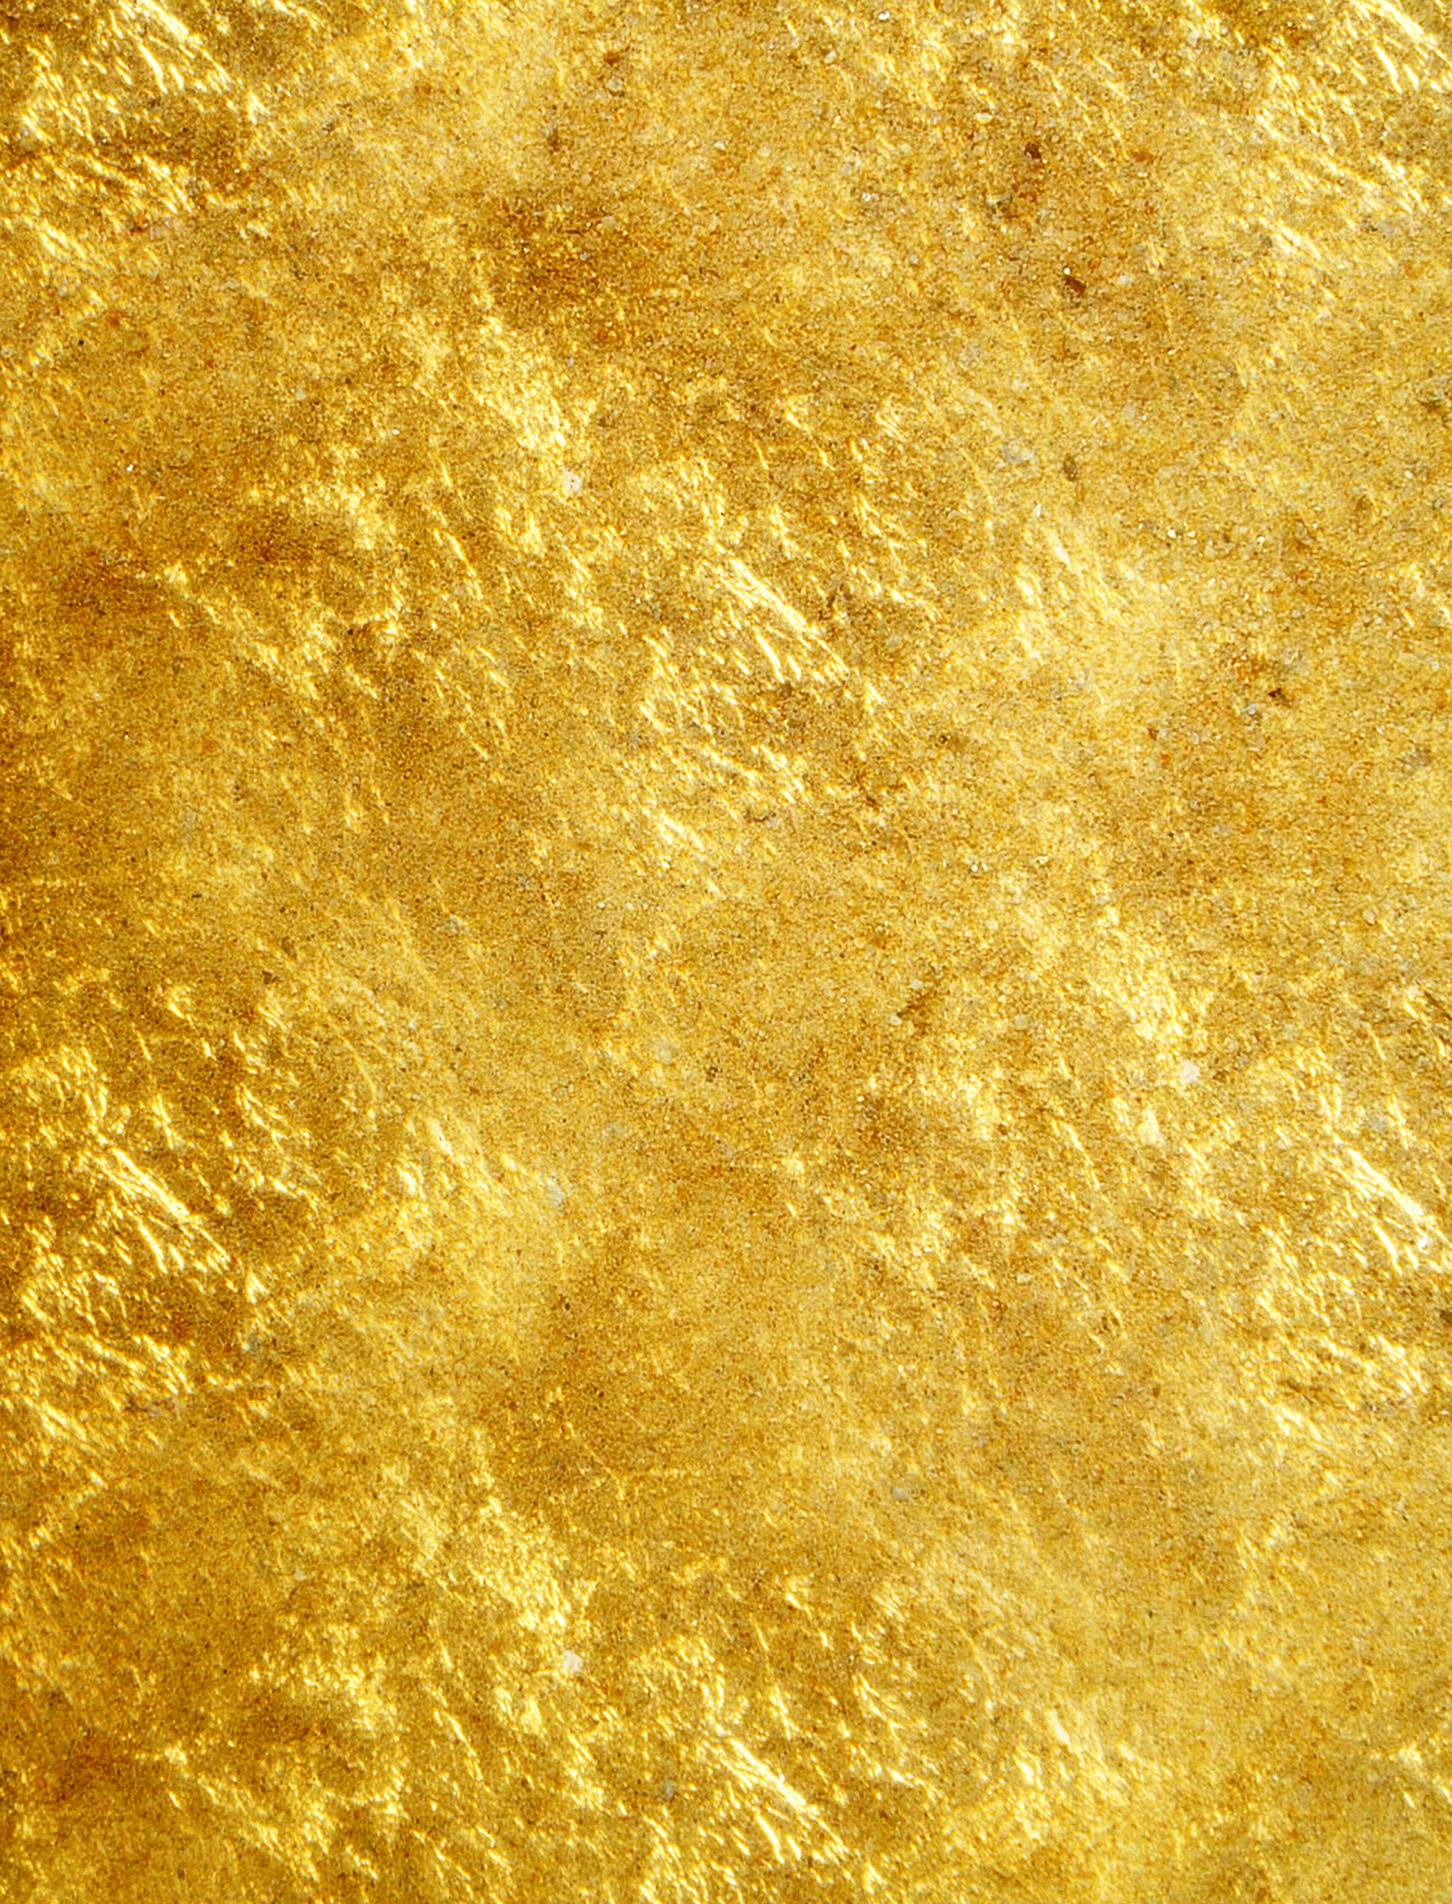 золотой фон,скачать фото, обои на рабочий стол, текстура золота